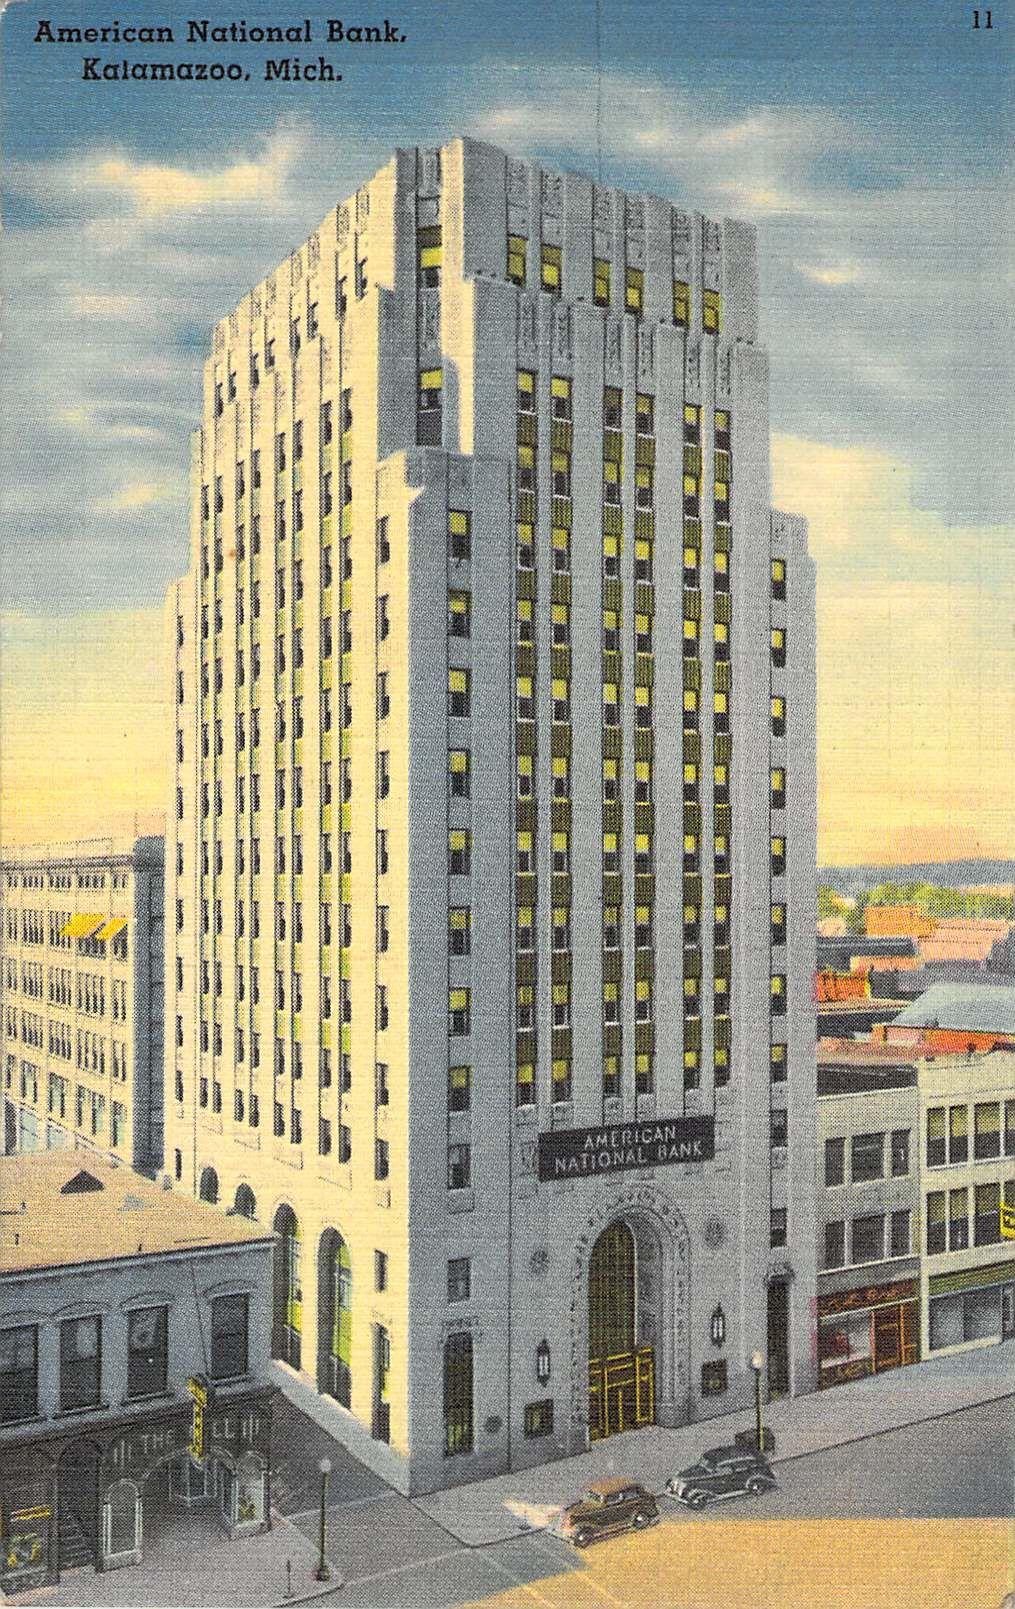 American National Bank Kalamazoo Mi Chicago Art Skysers Banks Vintage